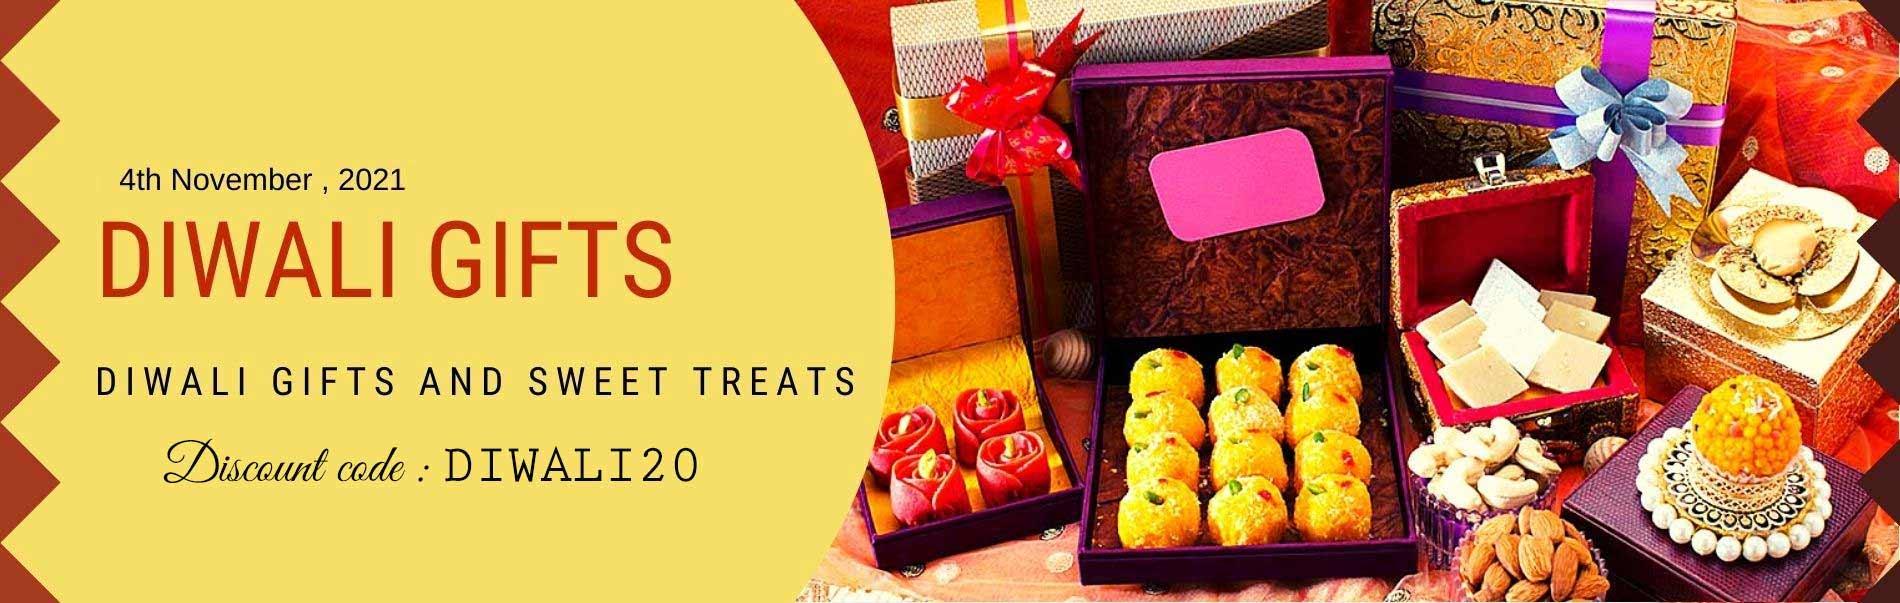 Diwali Express Gifts